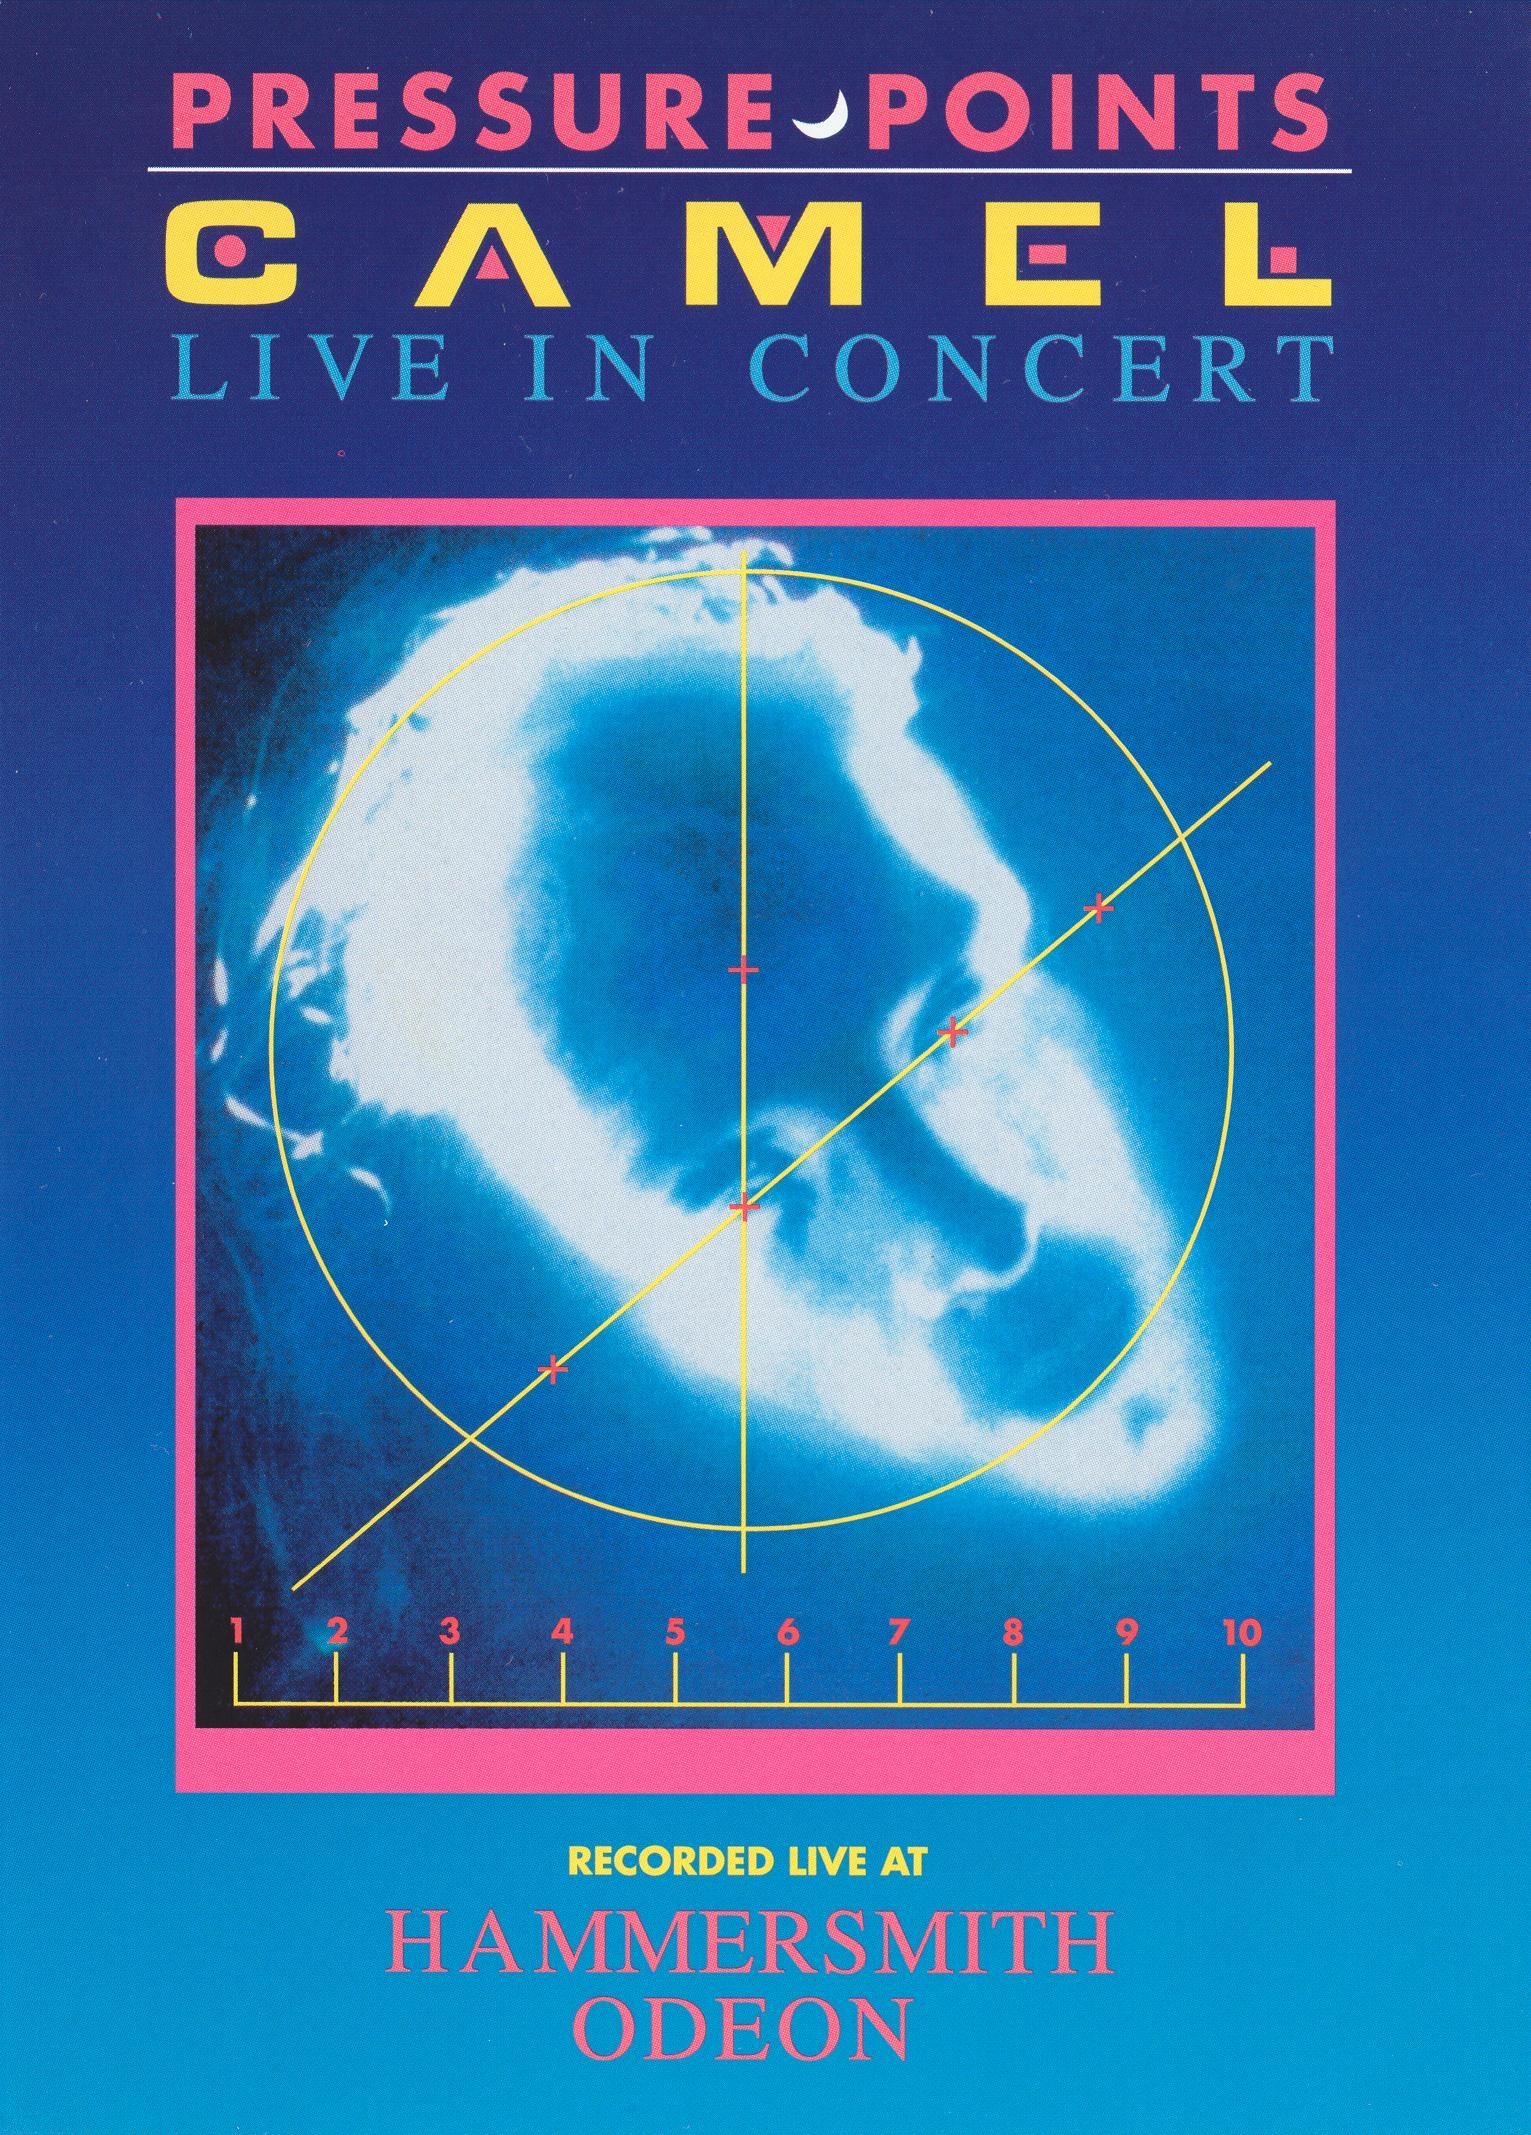 Camel: Pressure Points Live in Concert